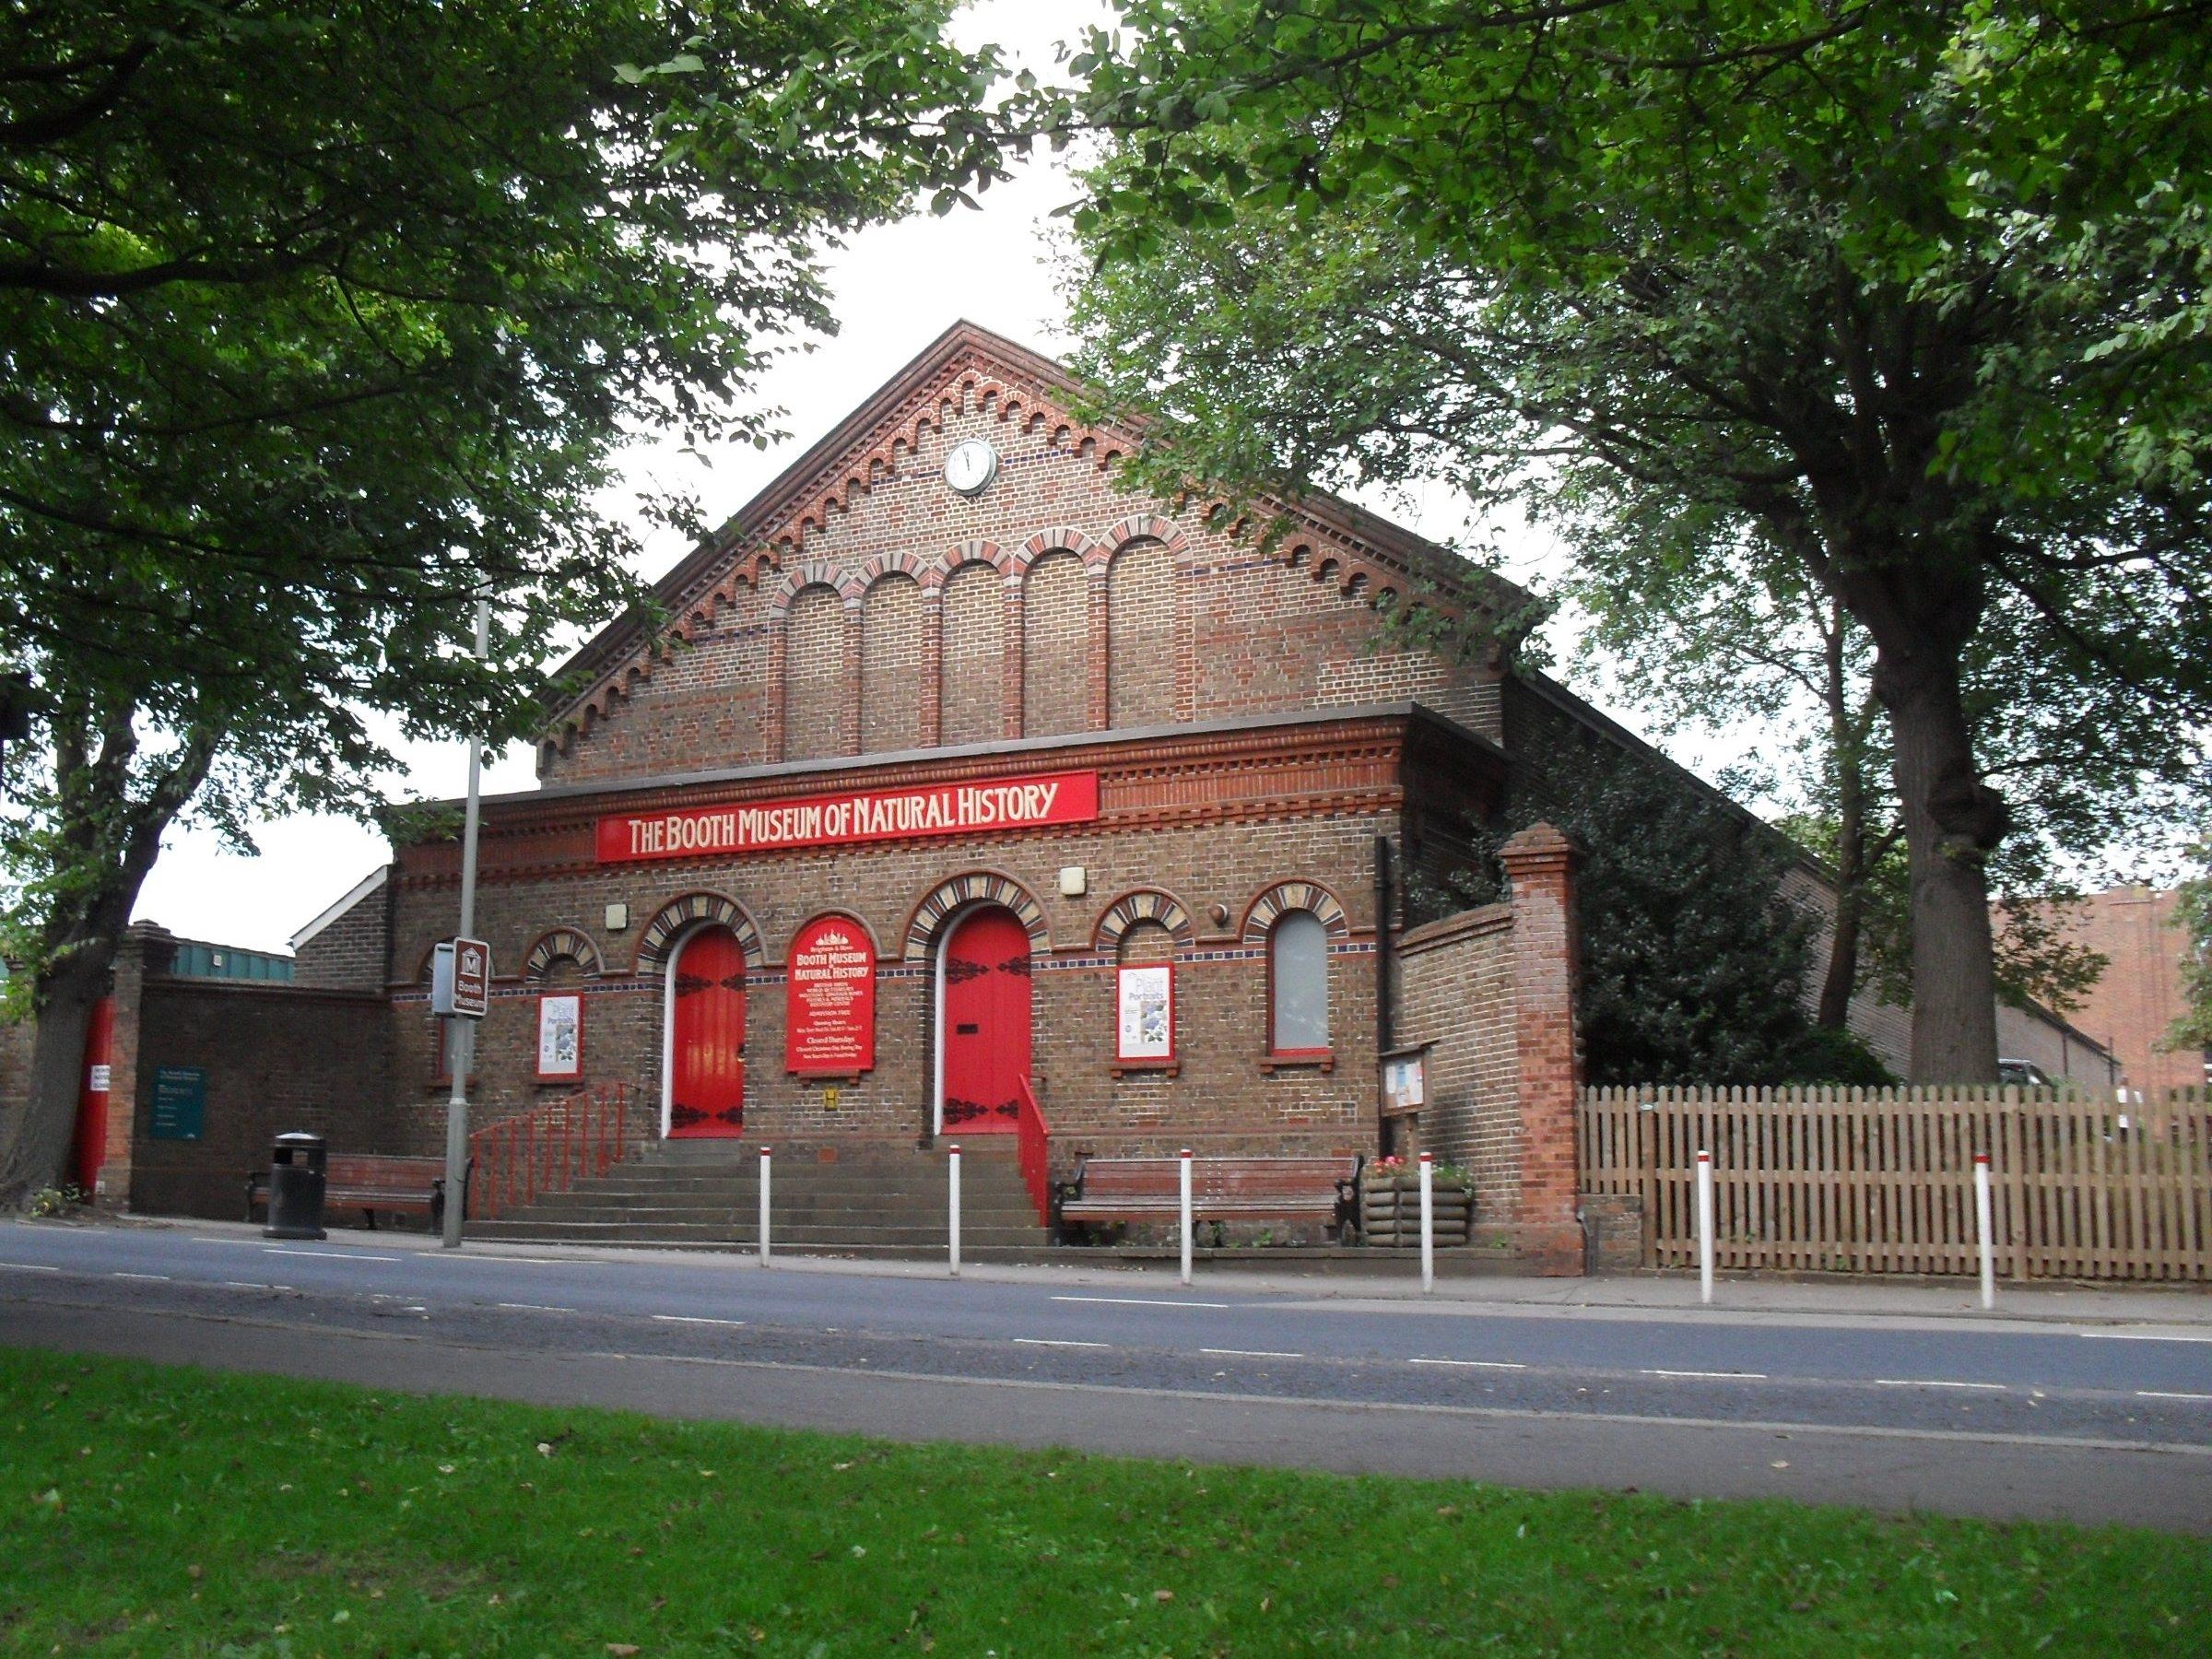 بريطانيا برايتون اهم الاماكن السياحية متحف بوث للتاريخ الطبيعي